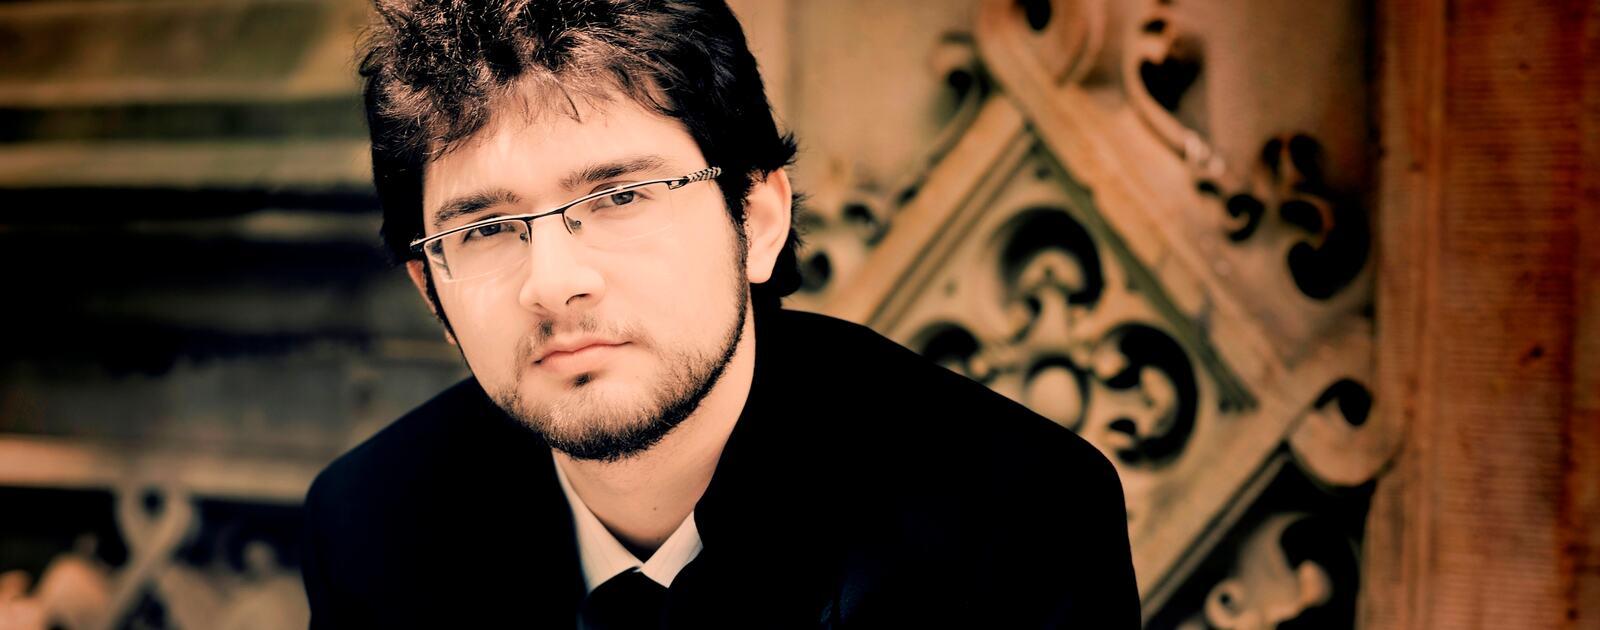 Roman Rabinovich, pianist